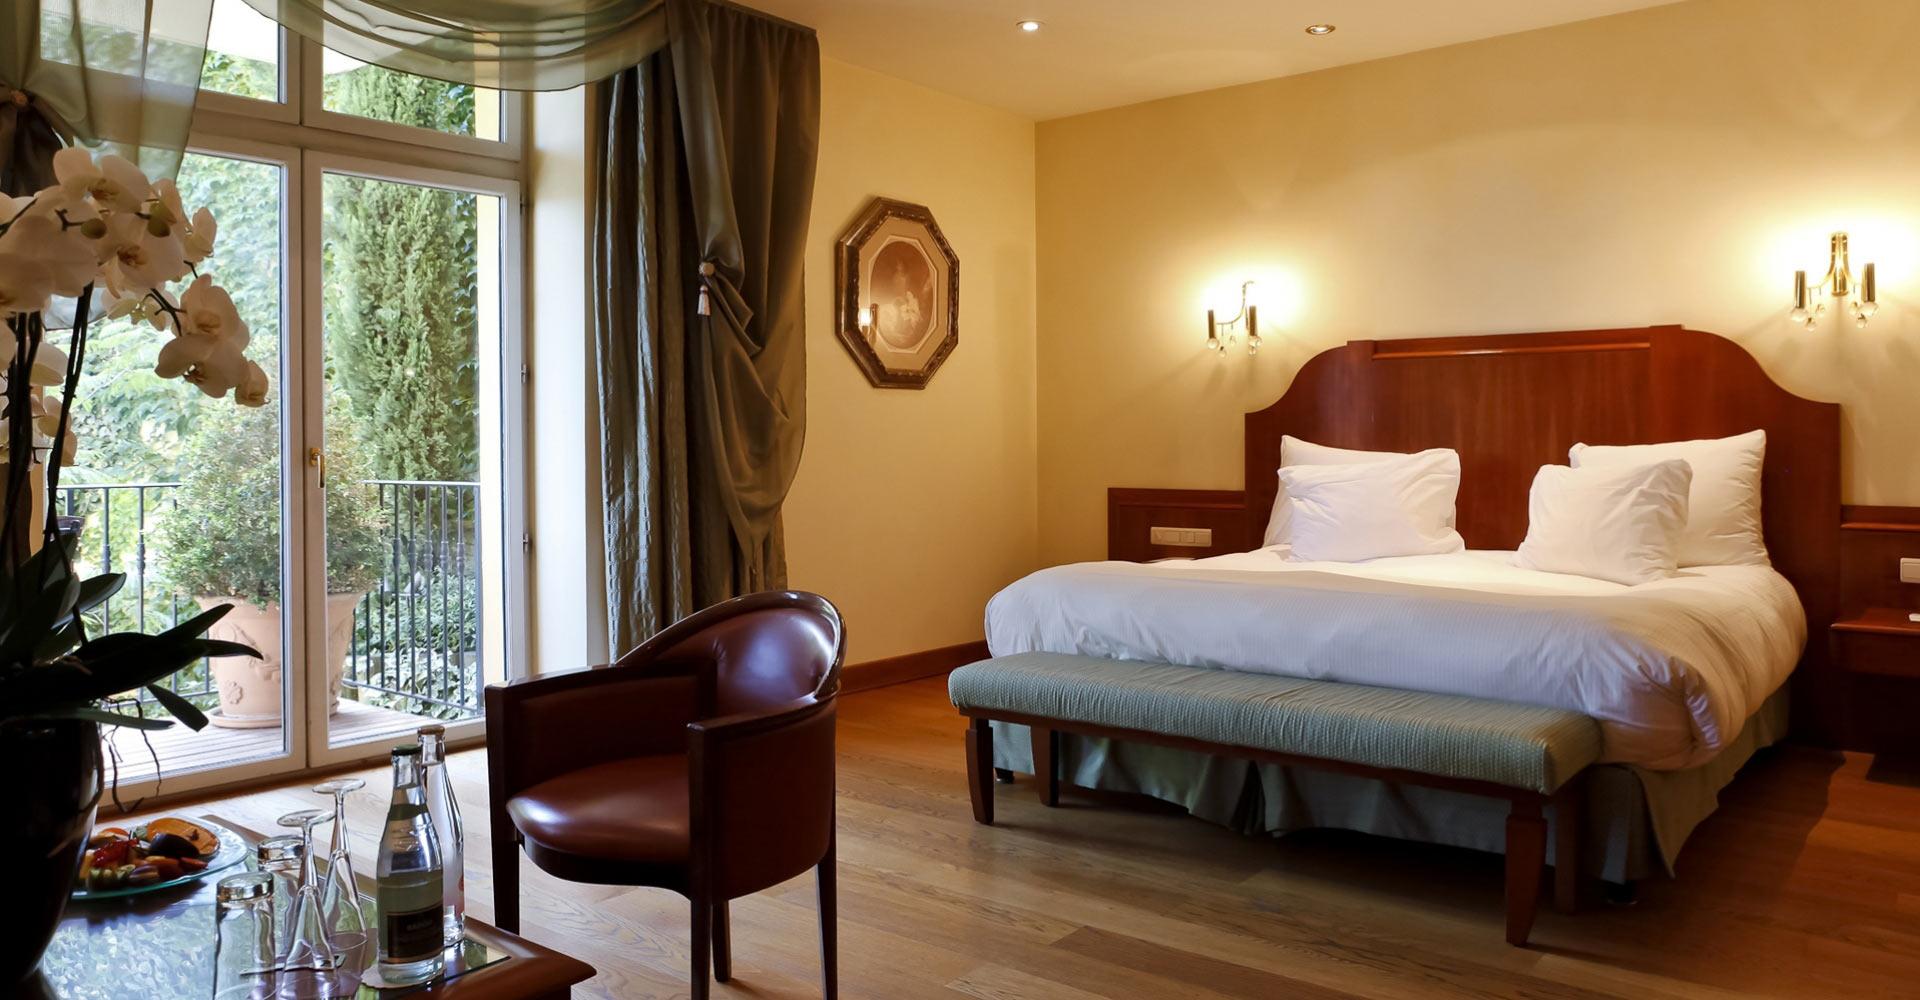 Hotel De Luxe Lyon - Maison Design - Apsip.com